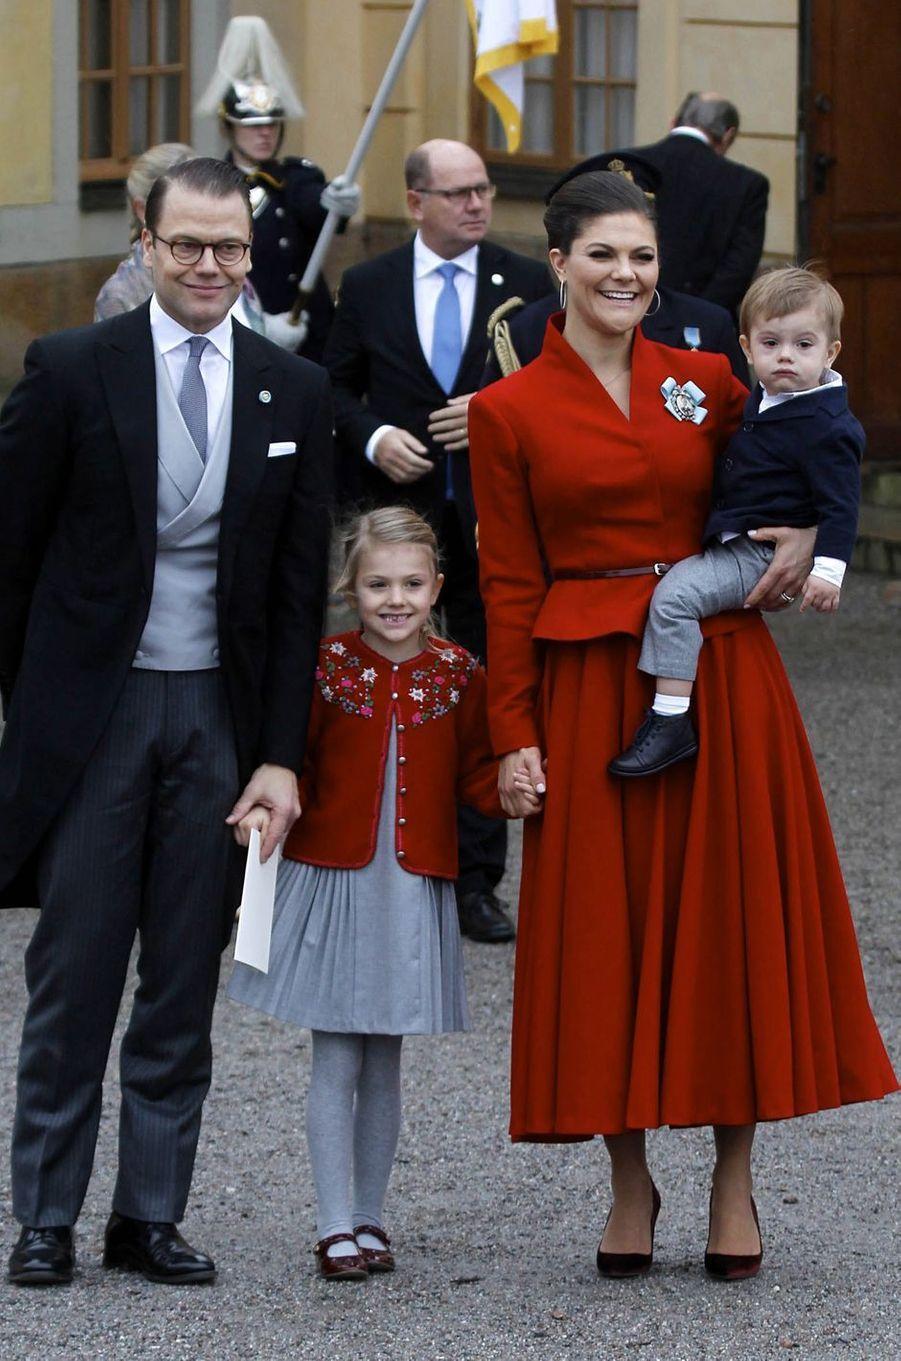 La princesse Victoria de Suède et le prince Daniel avec leurs enfants Estelle et Oscar à Stockholm, le 1er décembre 2017